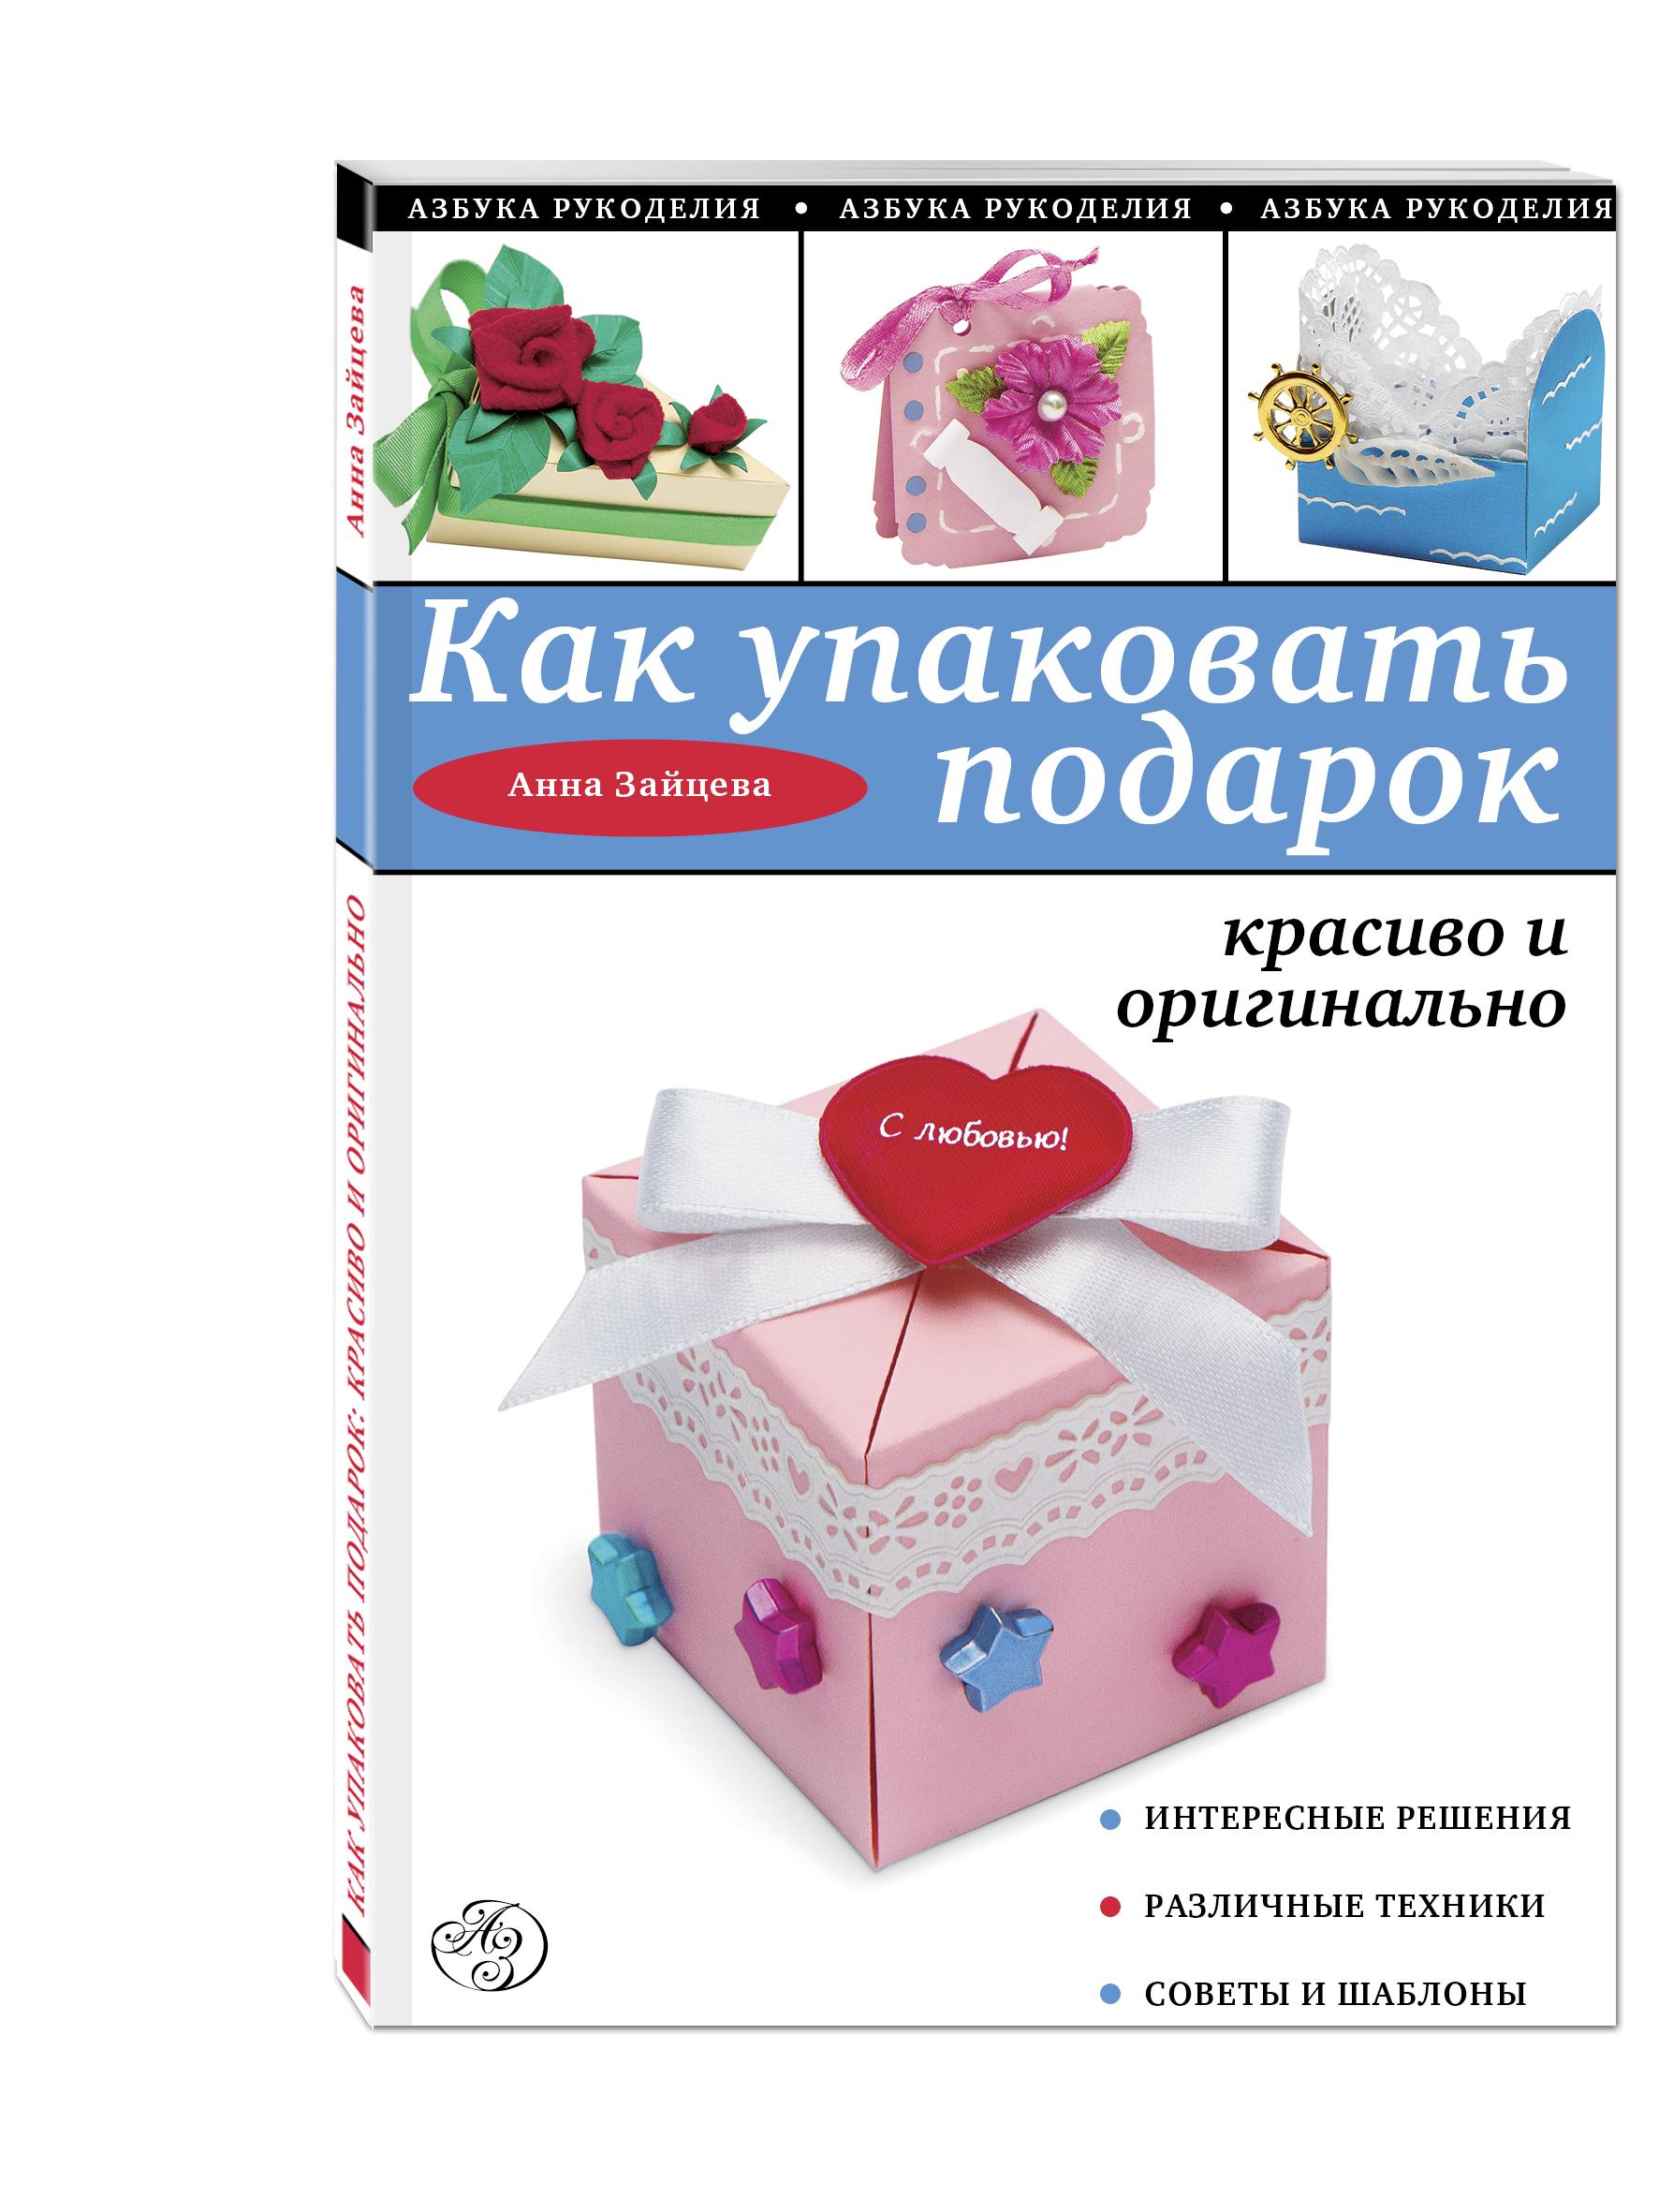 Зайцева А.А. Как упаковать подарок красиво и оригинально зайцева а как упаковать подарок красиво и оригинально